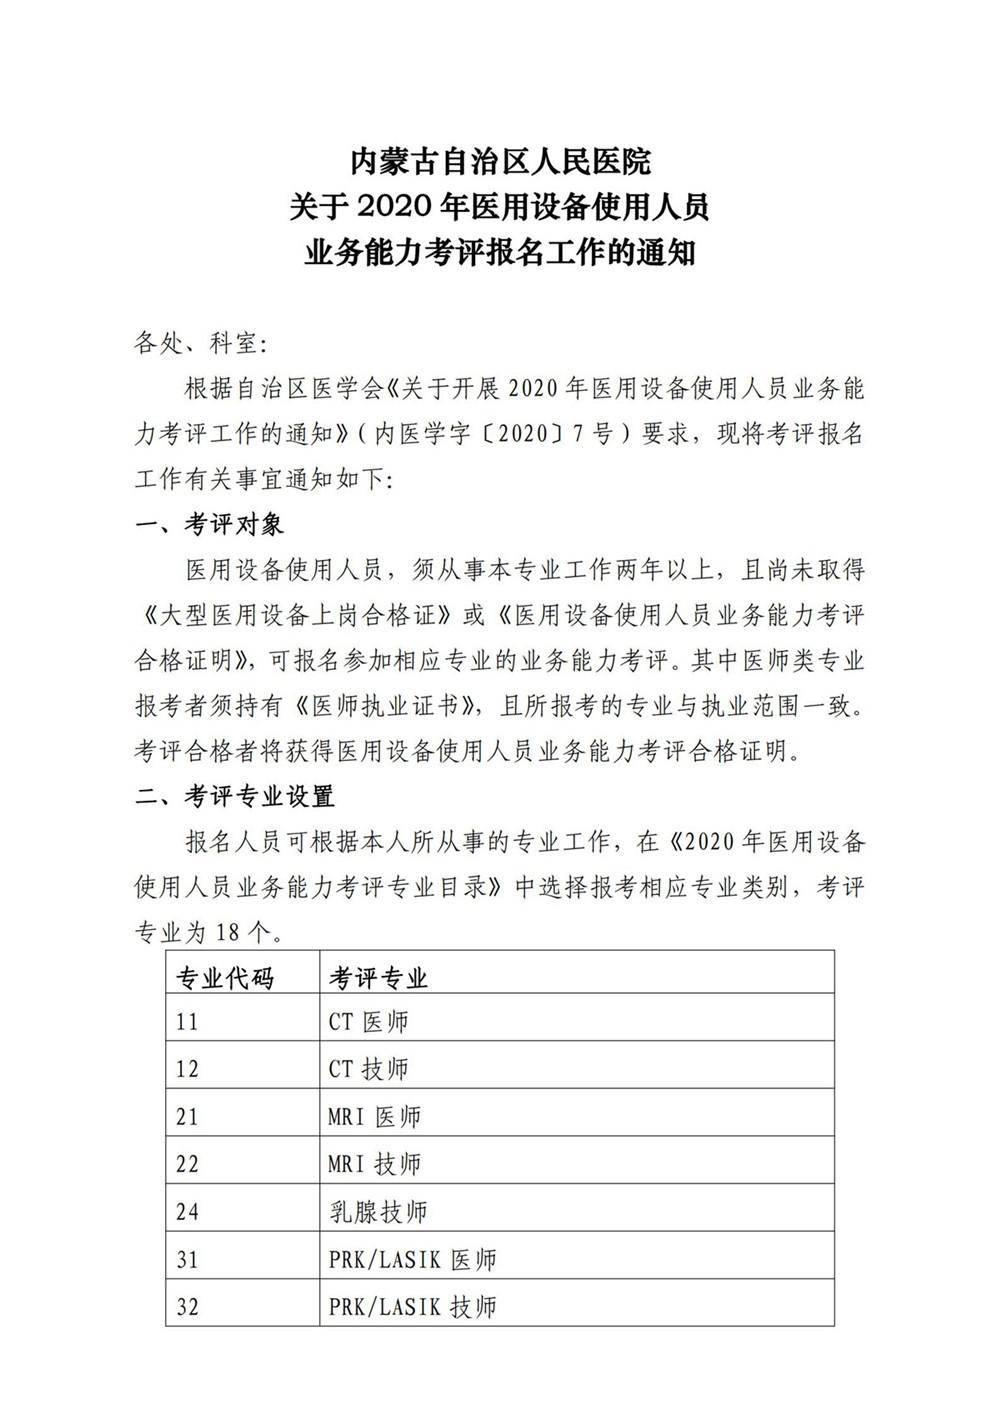 内蒙古自治区人民医院关于2020年医用设备使用人员业务能力考评工作的通知(医院下发文件)_00.jpg